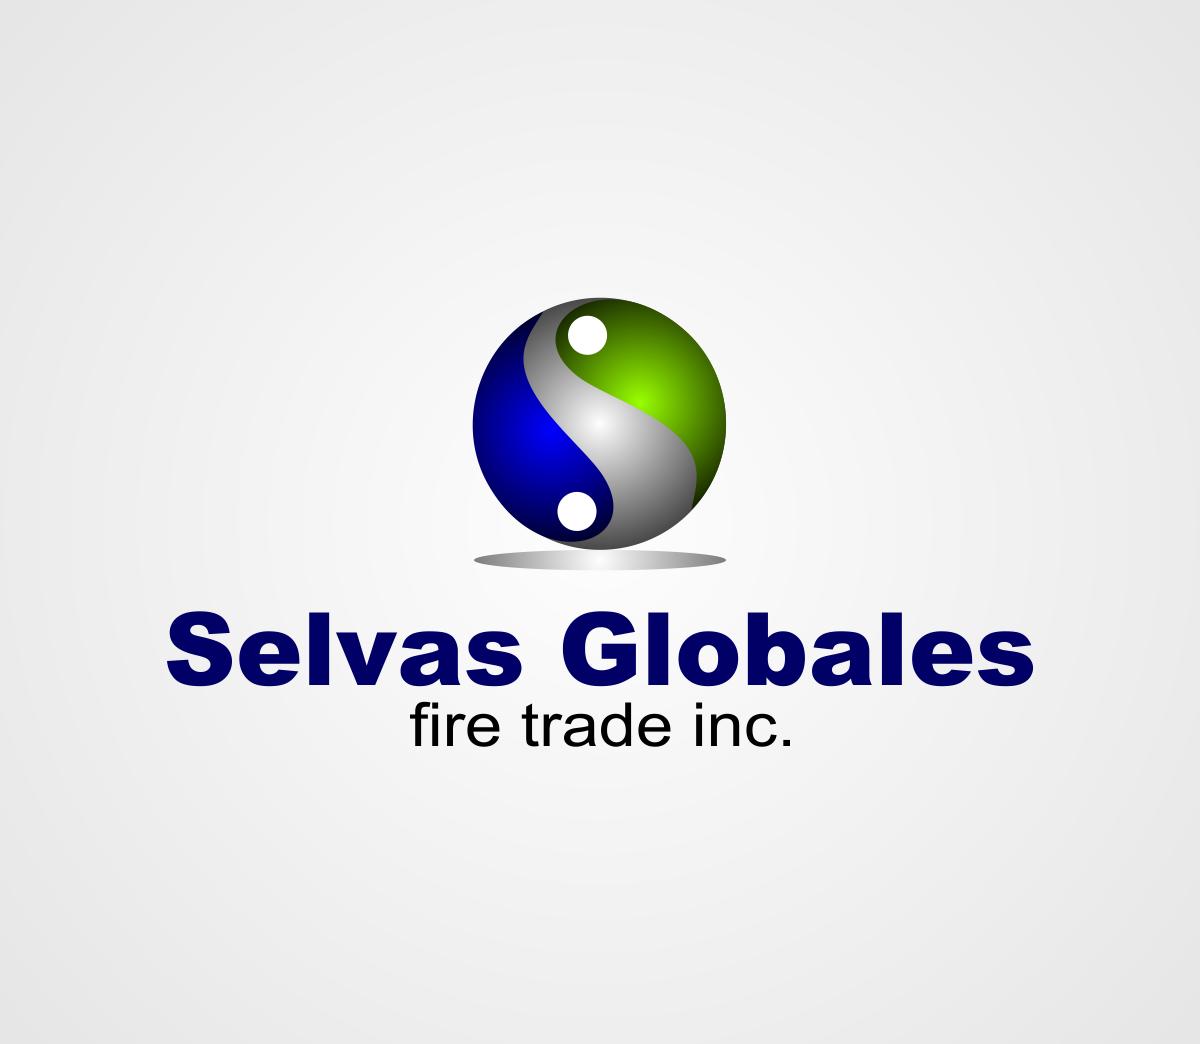 Logo Design by Agus Martoyo - Entry No. 83 in the Logo Design Contest Captivating Logo Design for Selvas Globales Fair Trade Inc..